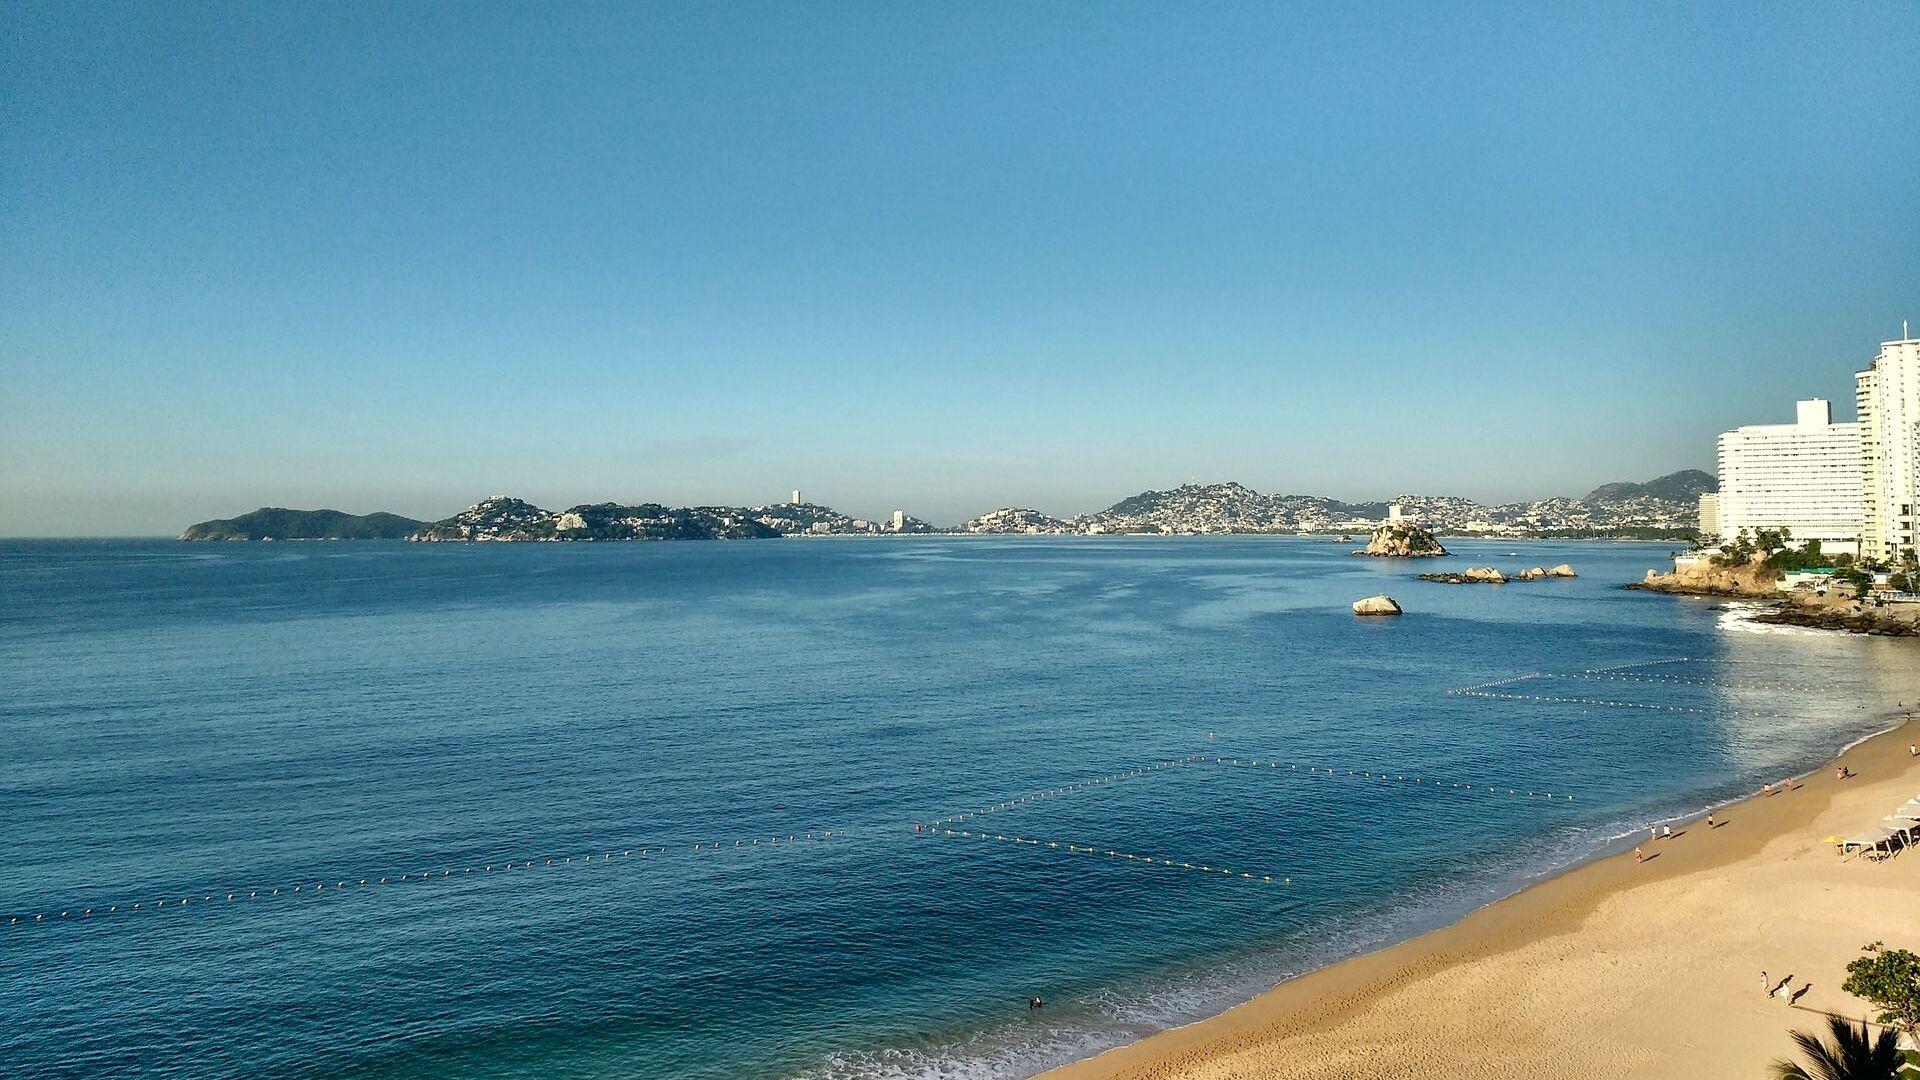 Una playa de Acapulco, referencial - Sputnik Mundo, 1920, 11.10.2021